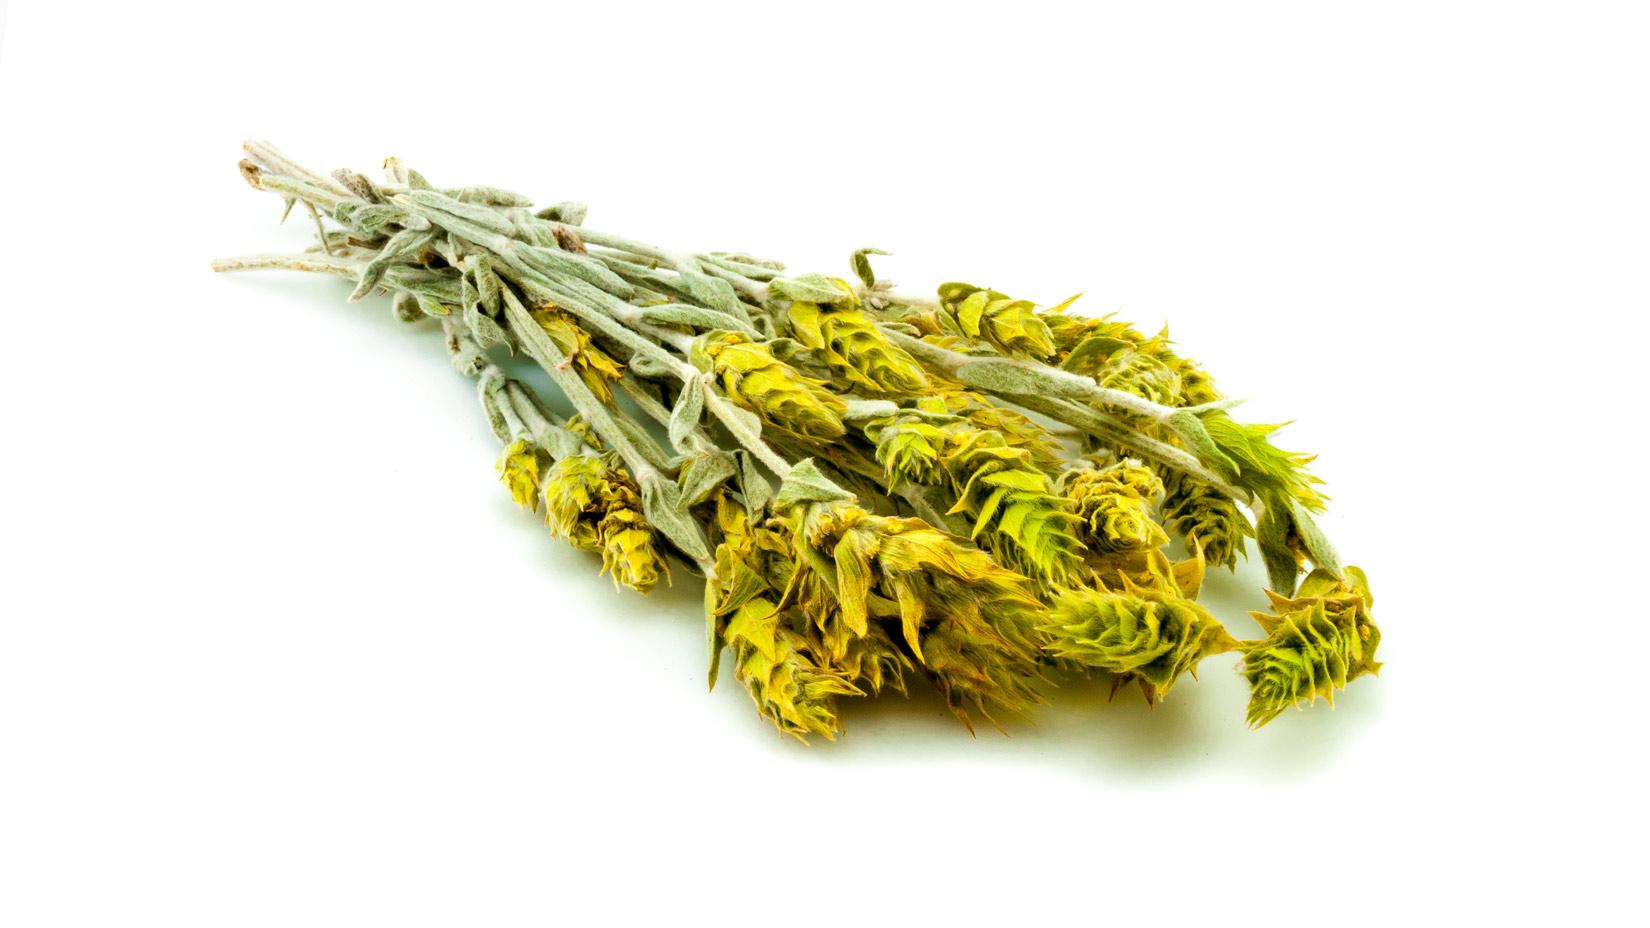 Řecký horský čaj usušený vcelku lahodí oku lépe než nalámané kousky - no uznejte